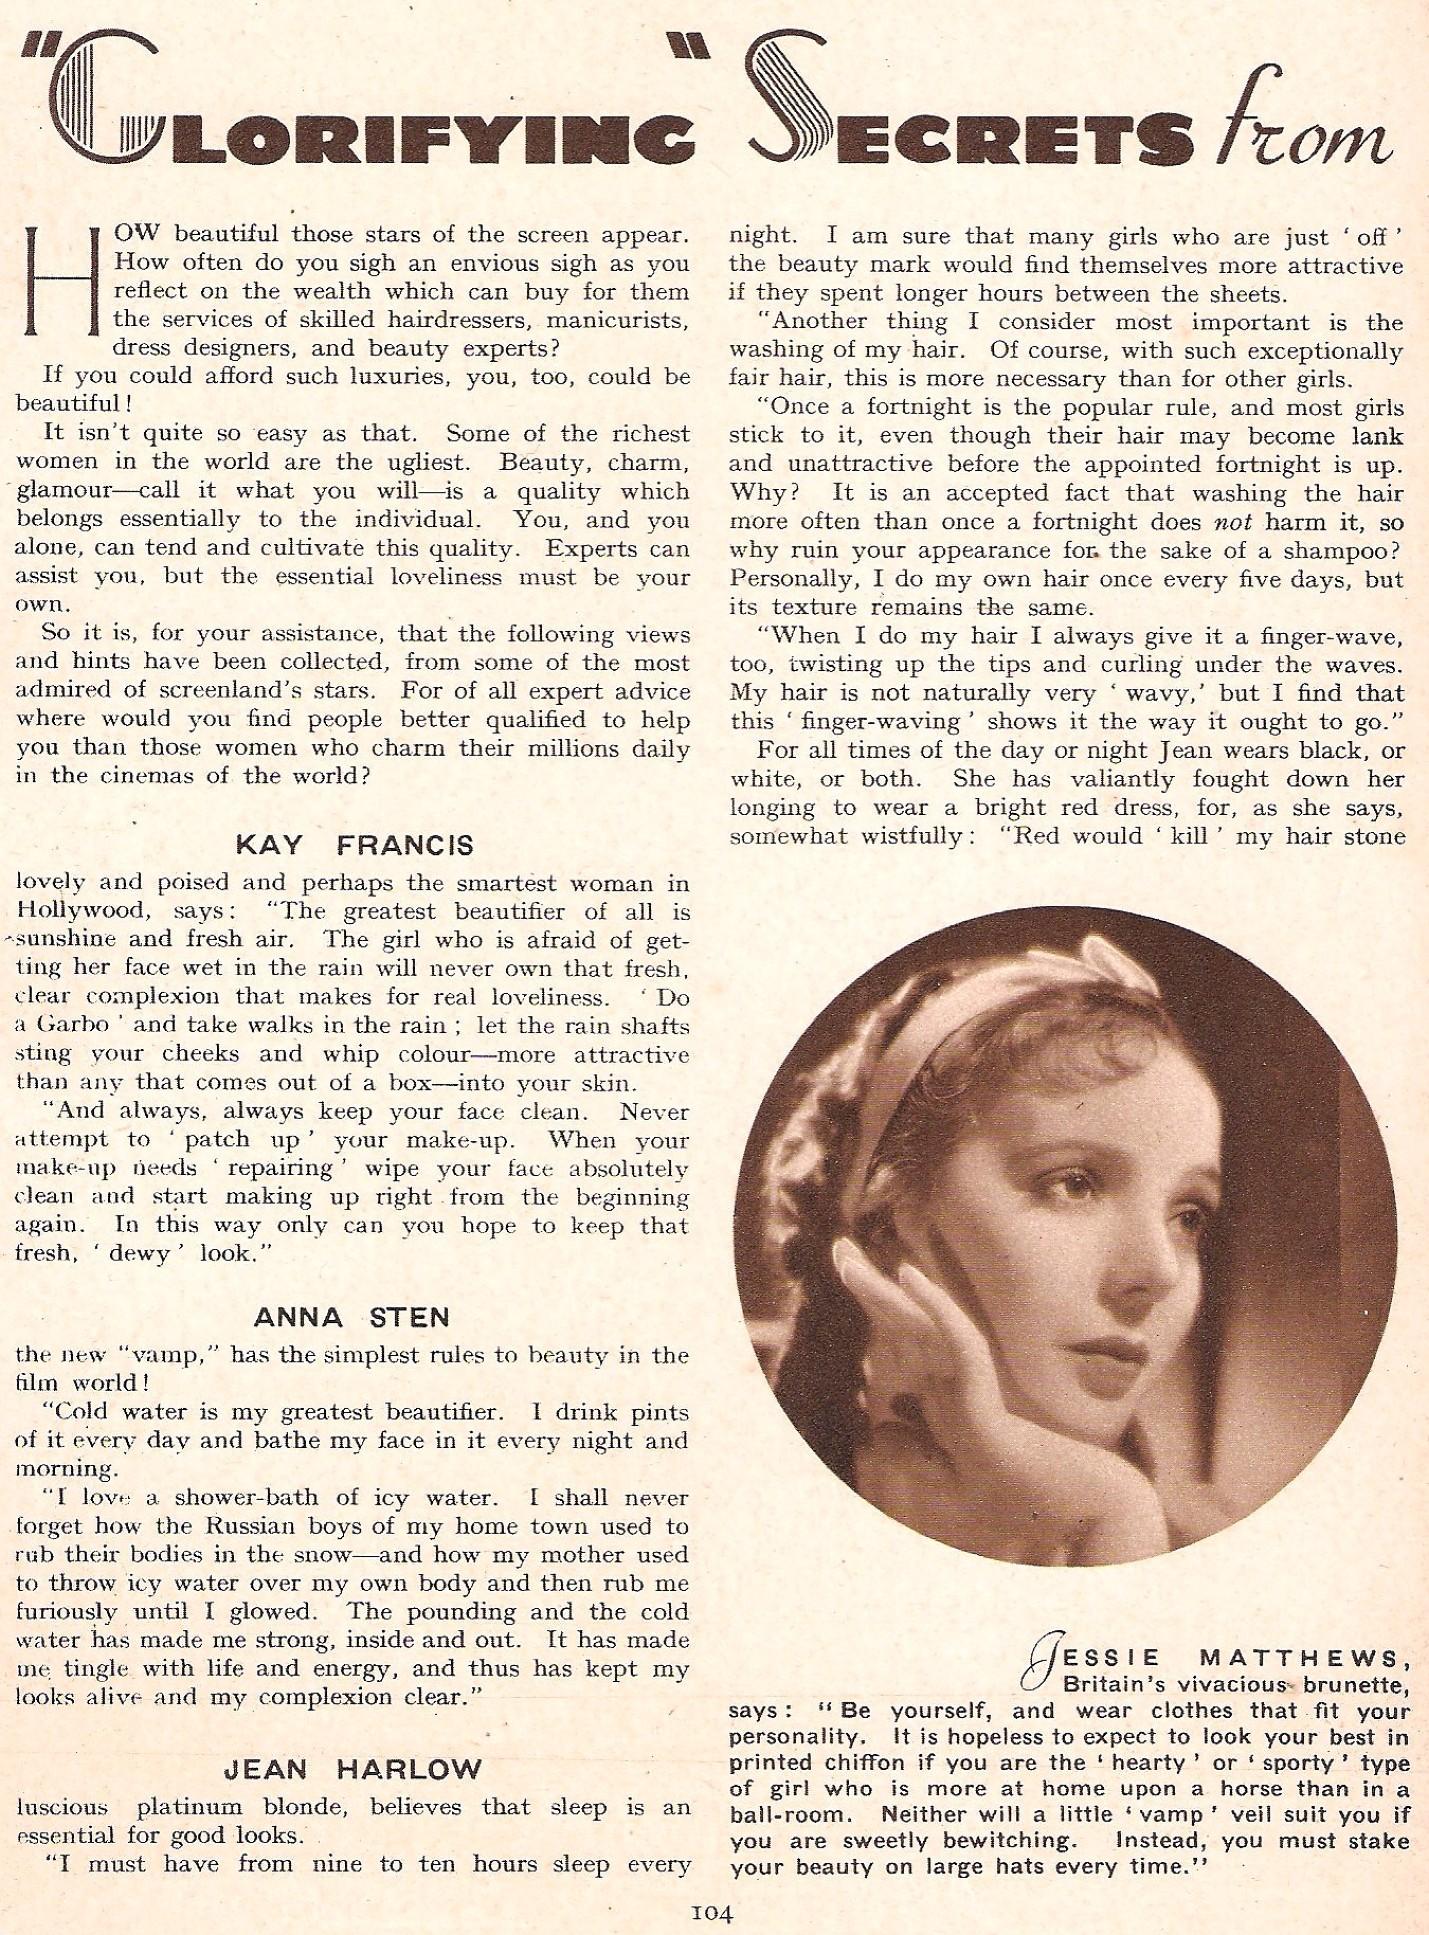 carole lombard film pictorial annual 1935cb